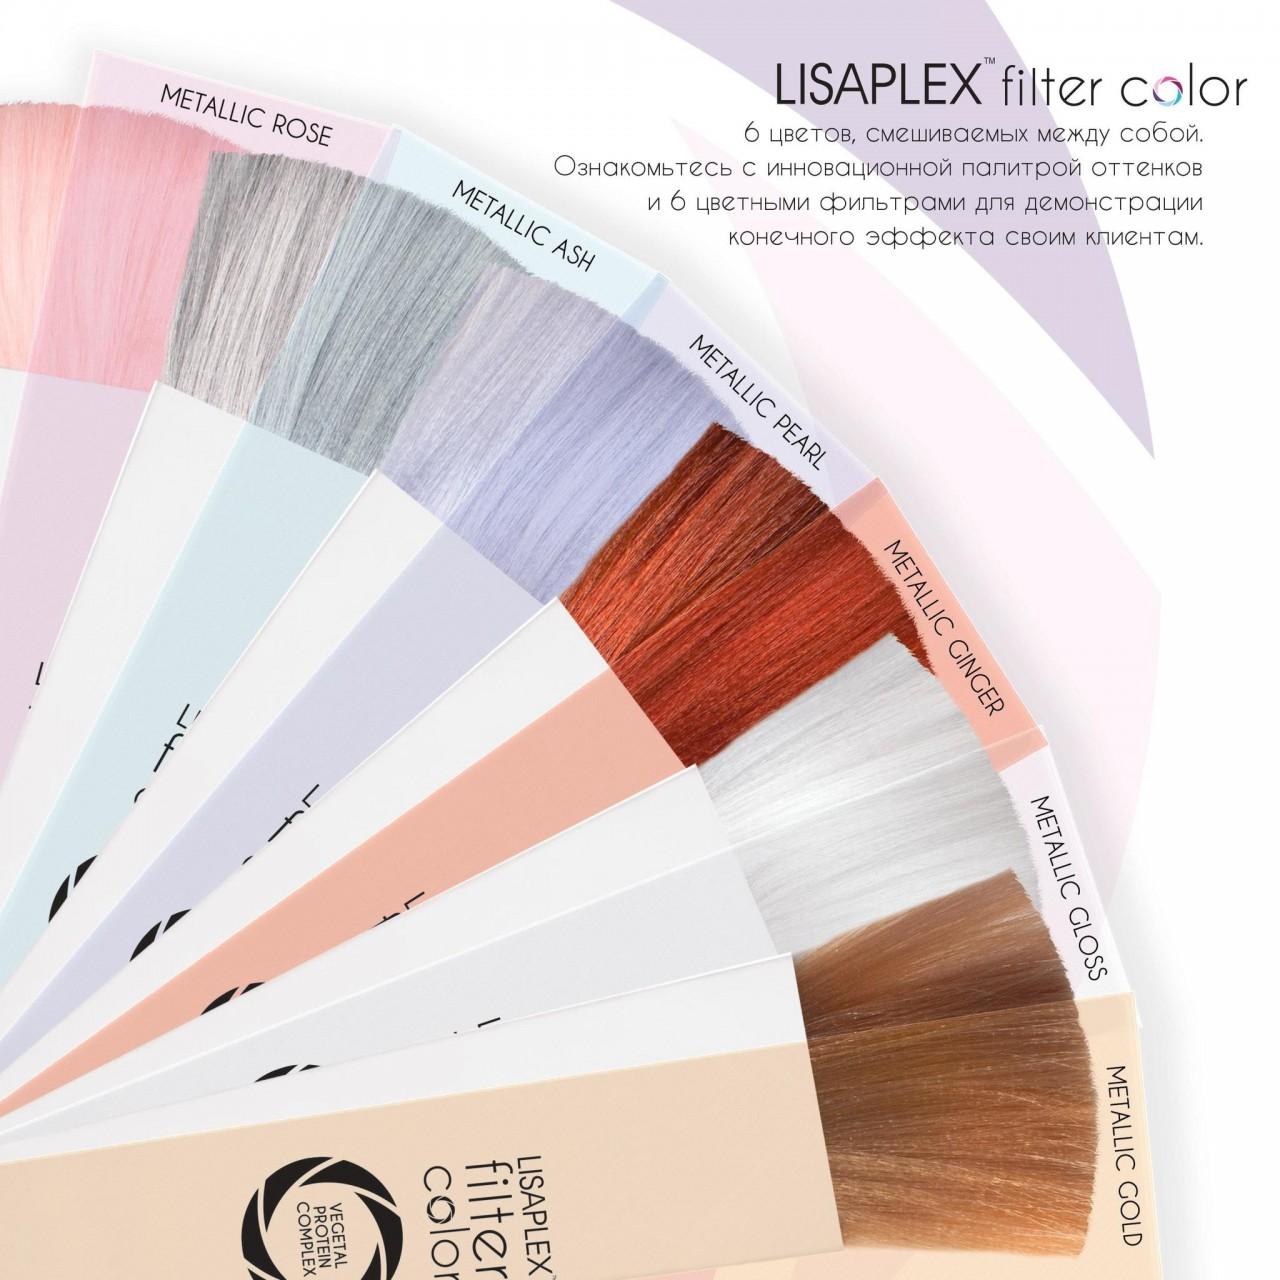 Lisaplex Filter Color безаммиачный крем-гель краситель 2